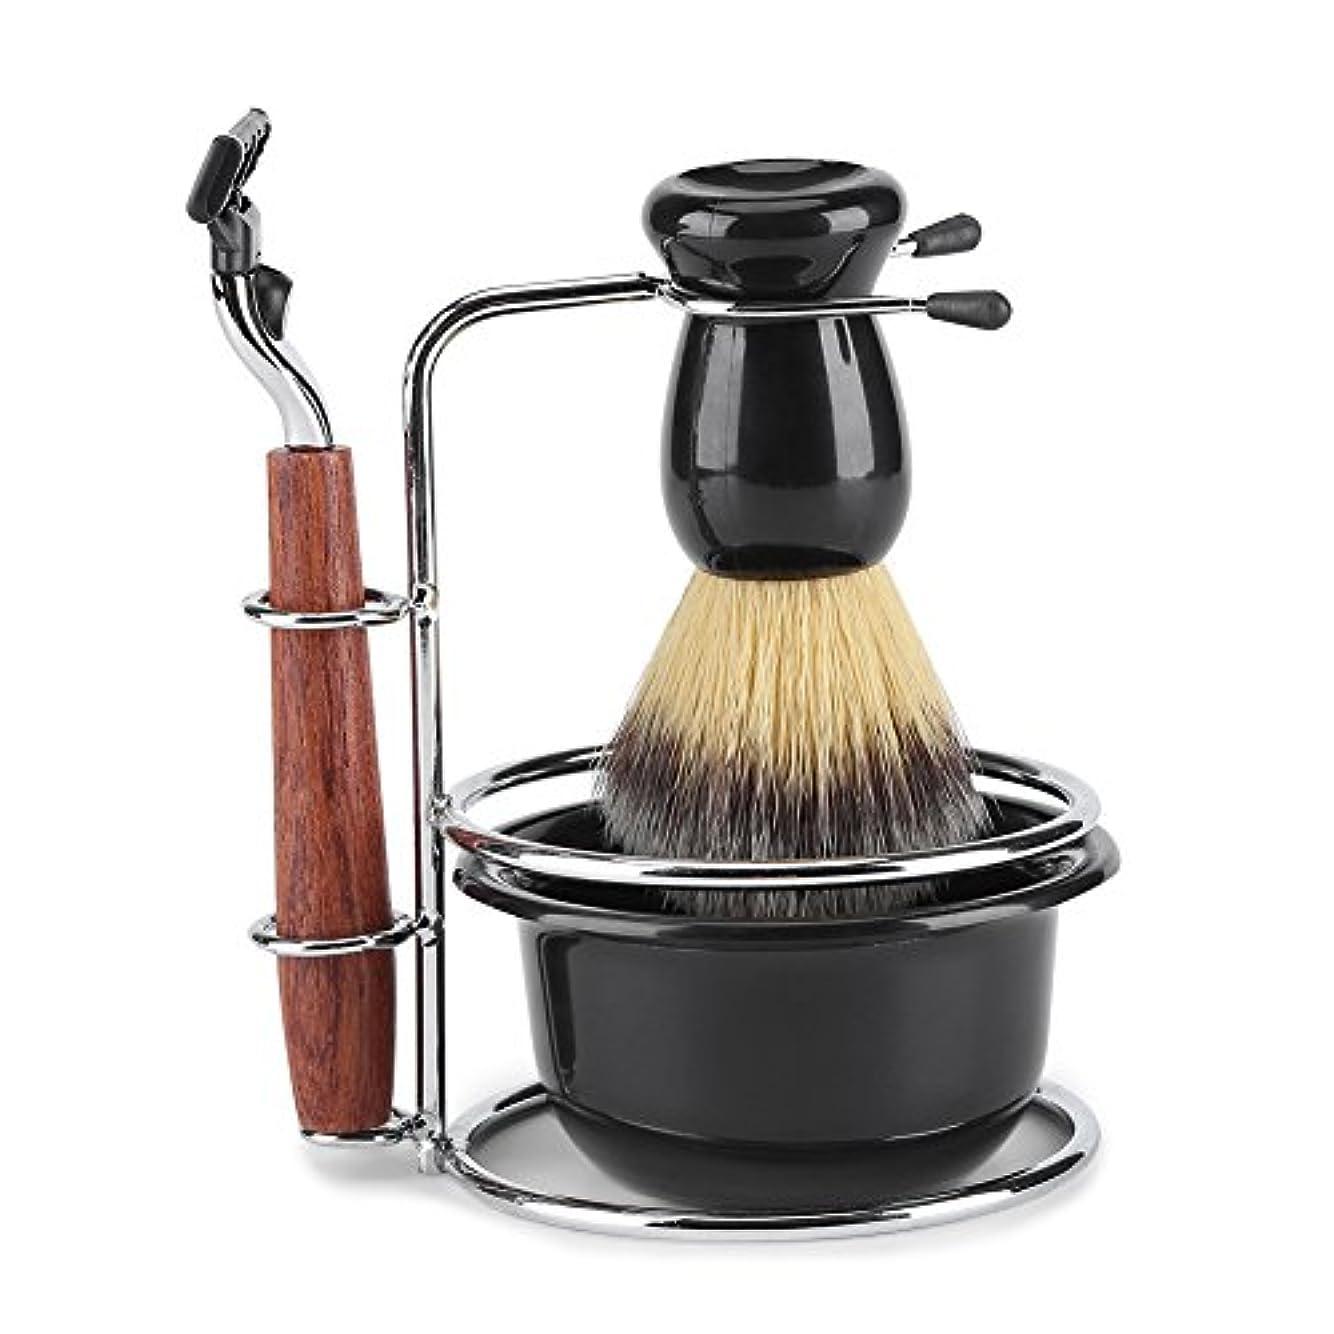 従事した約設定きゅうりシェービングキット 4-in-1 ひげ剃りツールセット マニュアルスタンドホルダー ウェットシェービングキット ステンレススチール